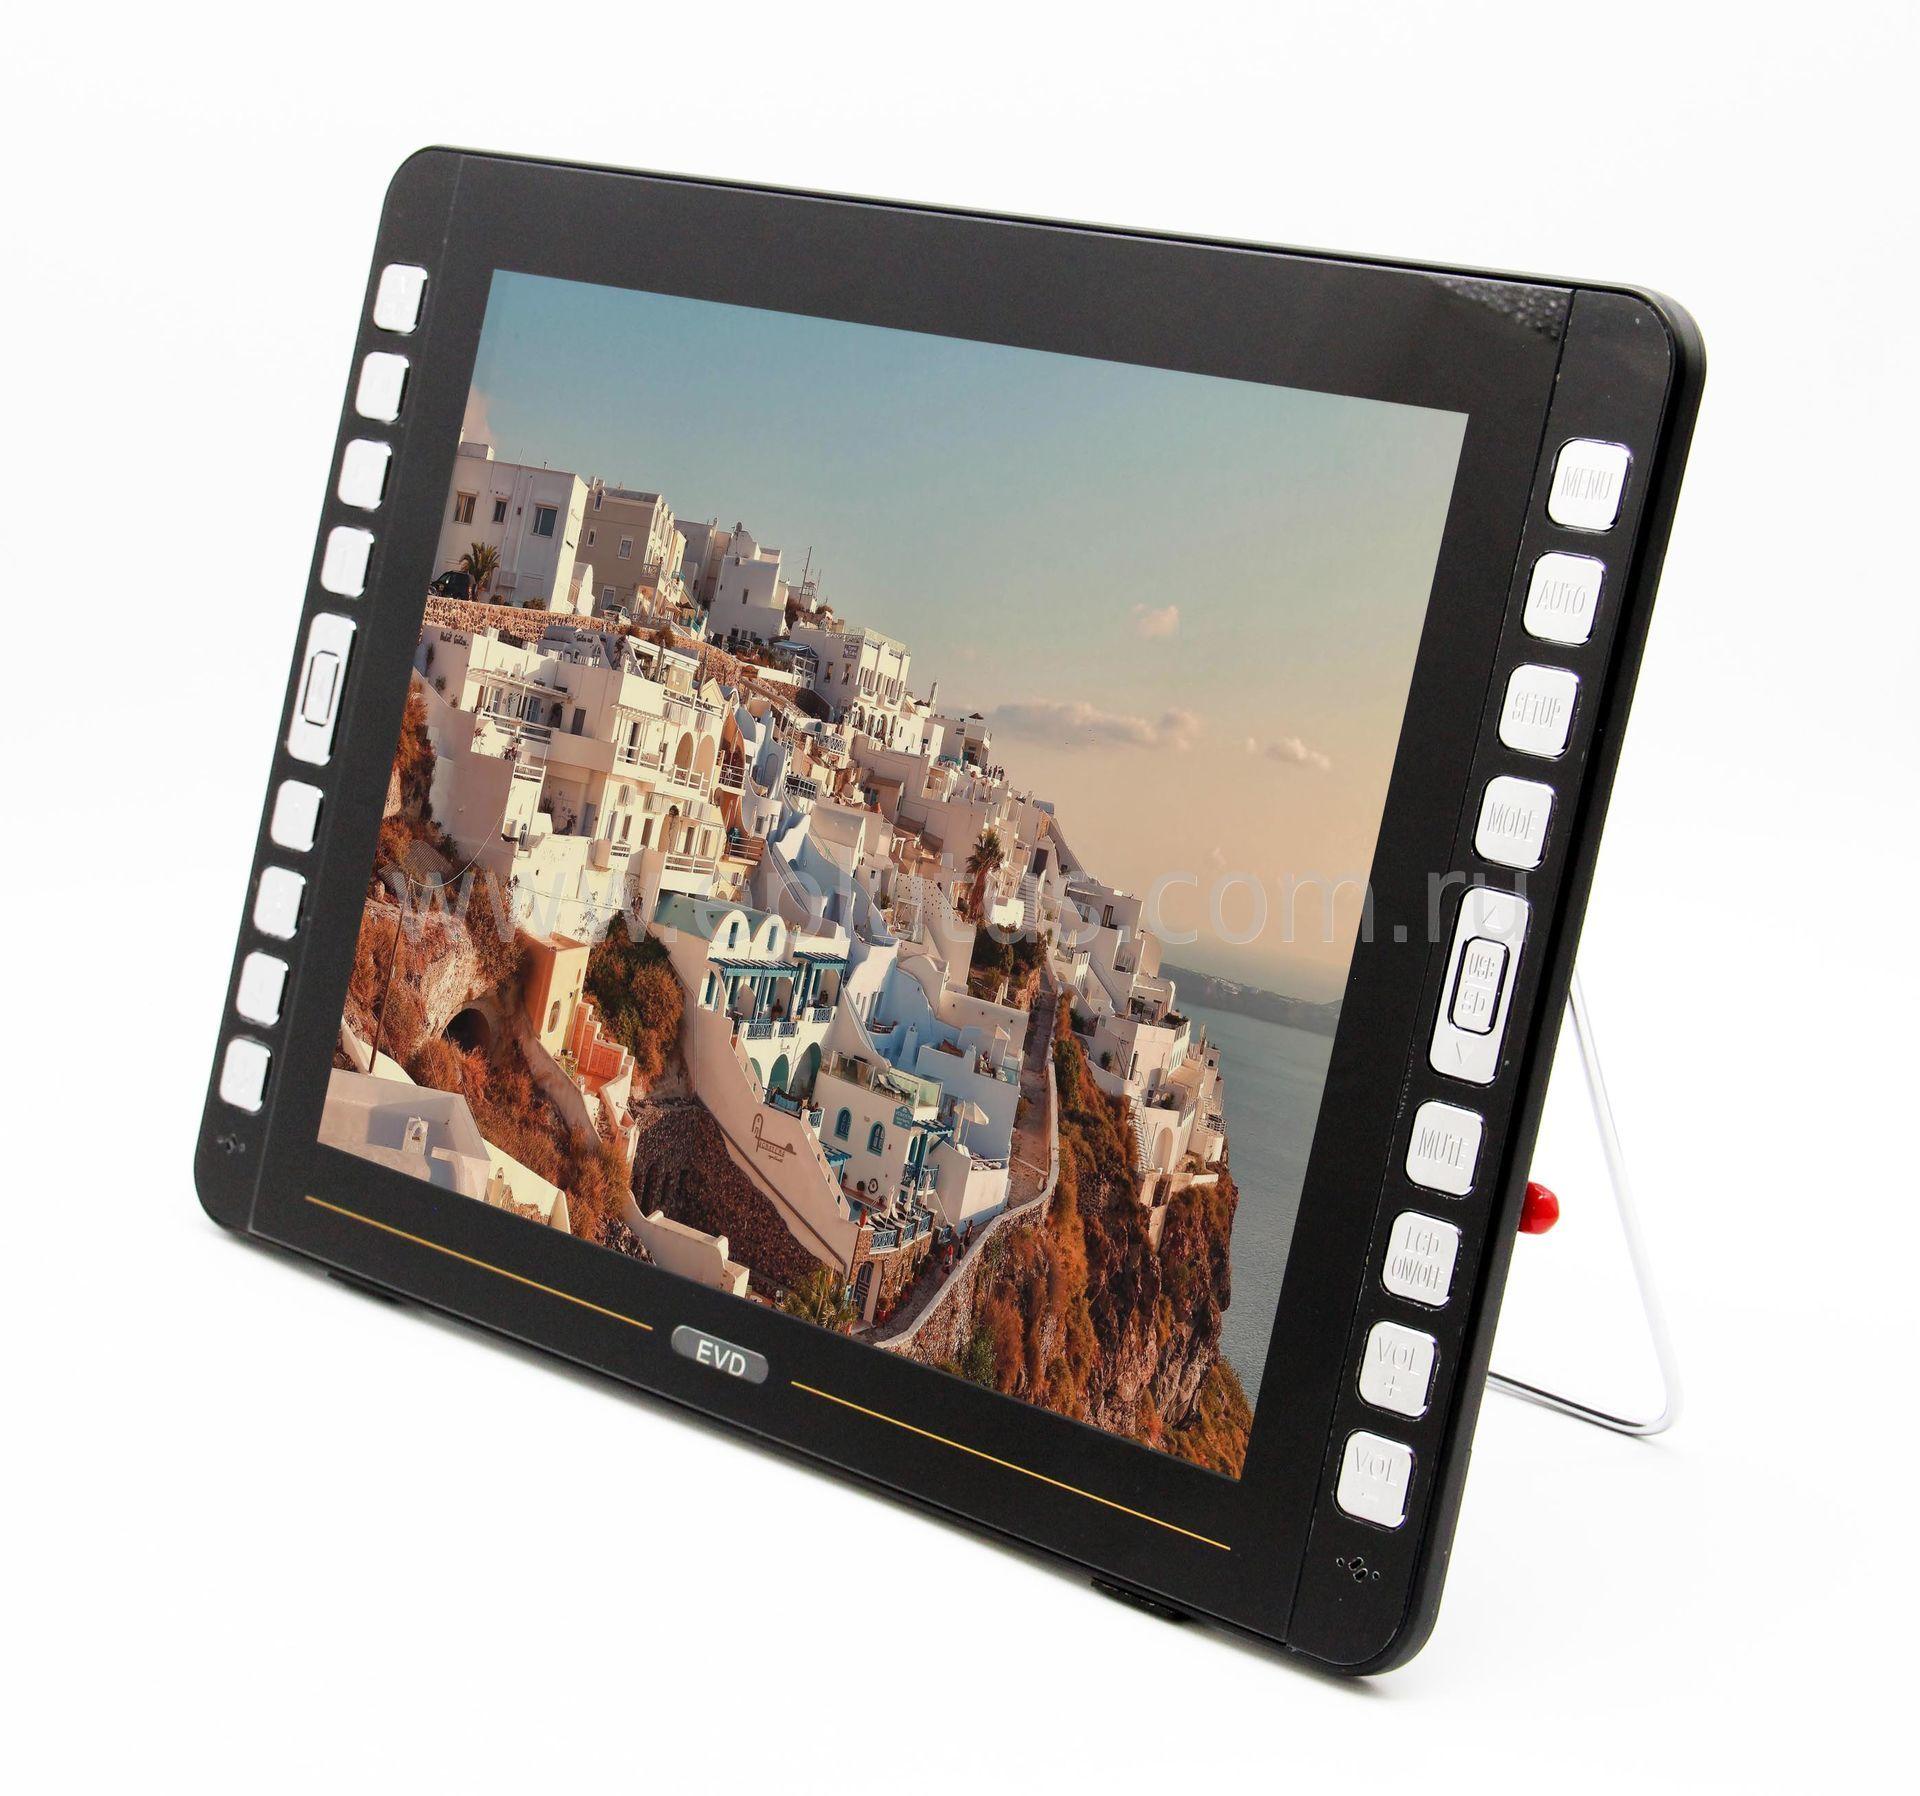 DVD-плеер Eplutus LS-155T (+ Разветвитель в подарок!) цена и фото